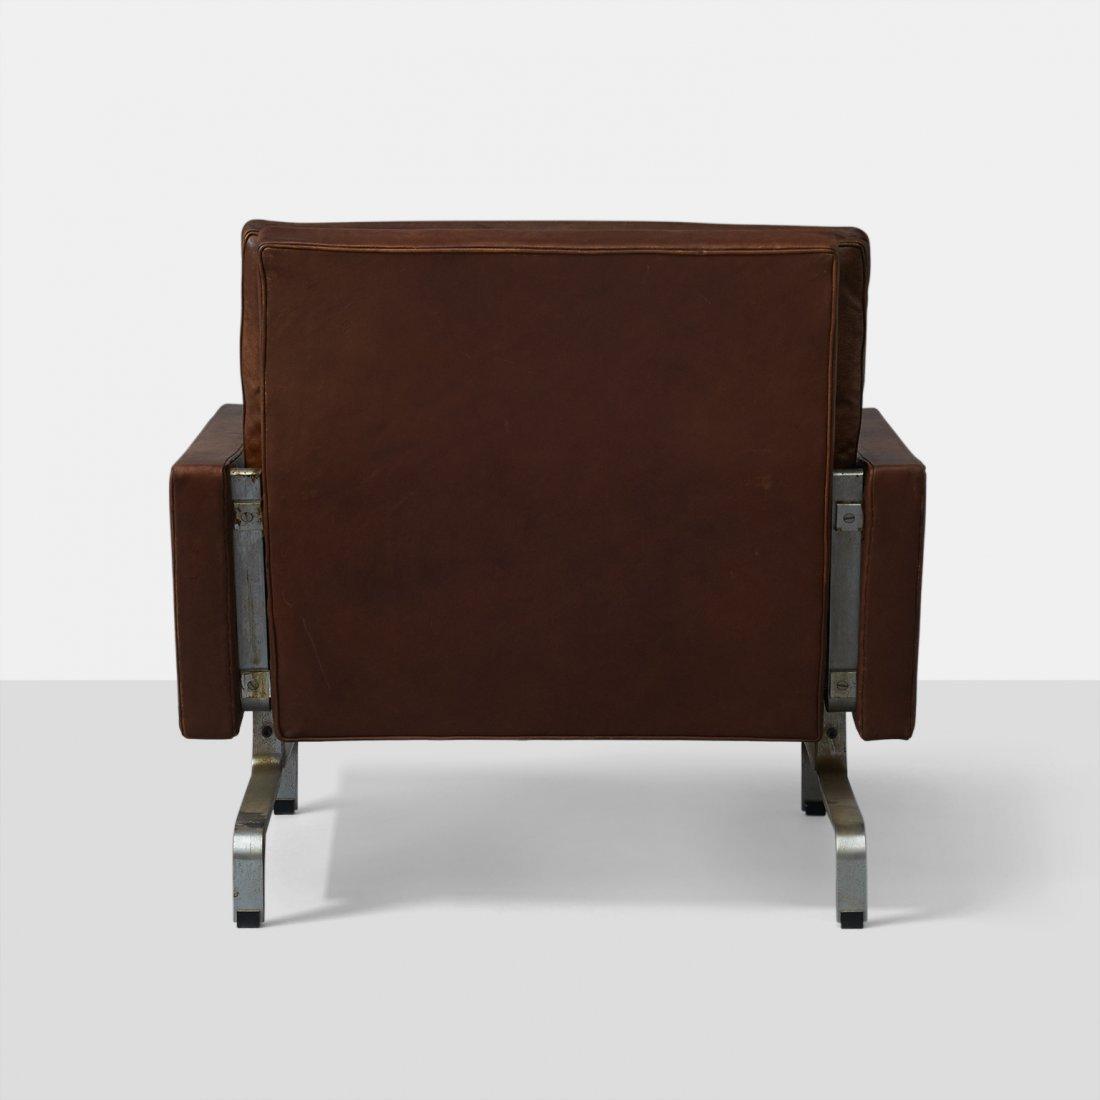 Poul Kjaerholm, PK31 Lounge Chair - 5